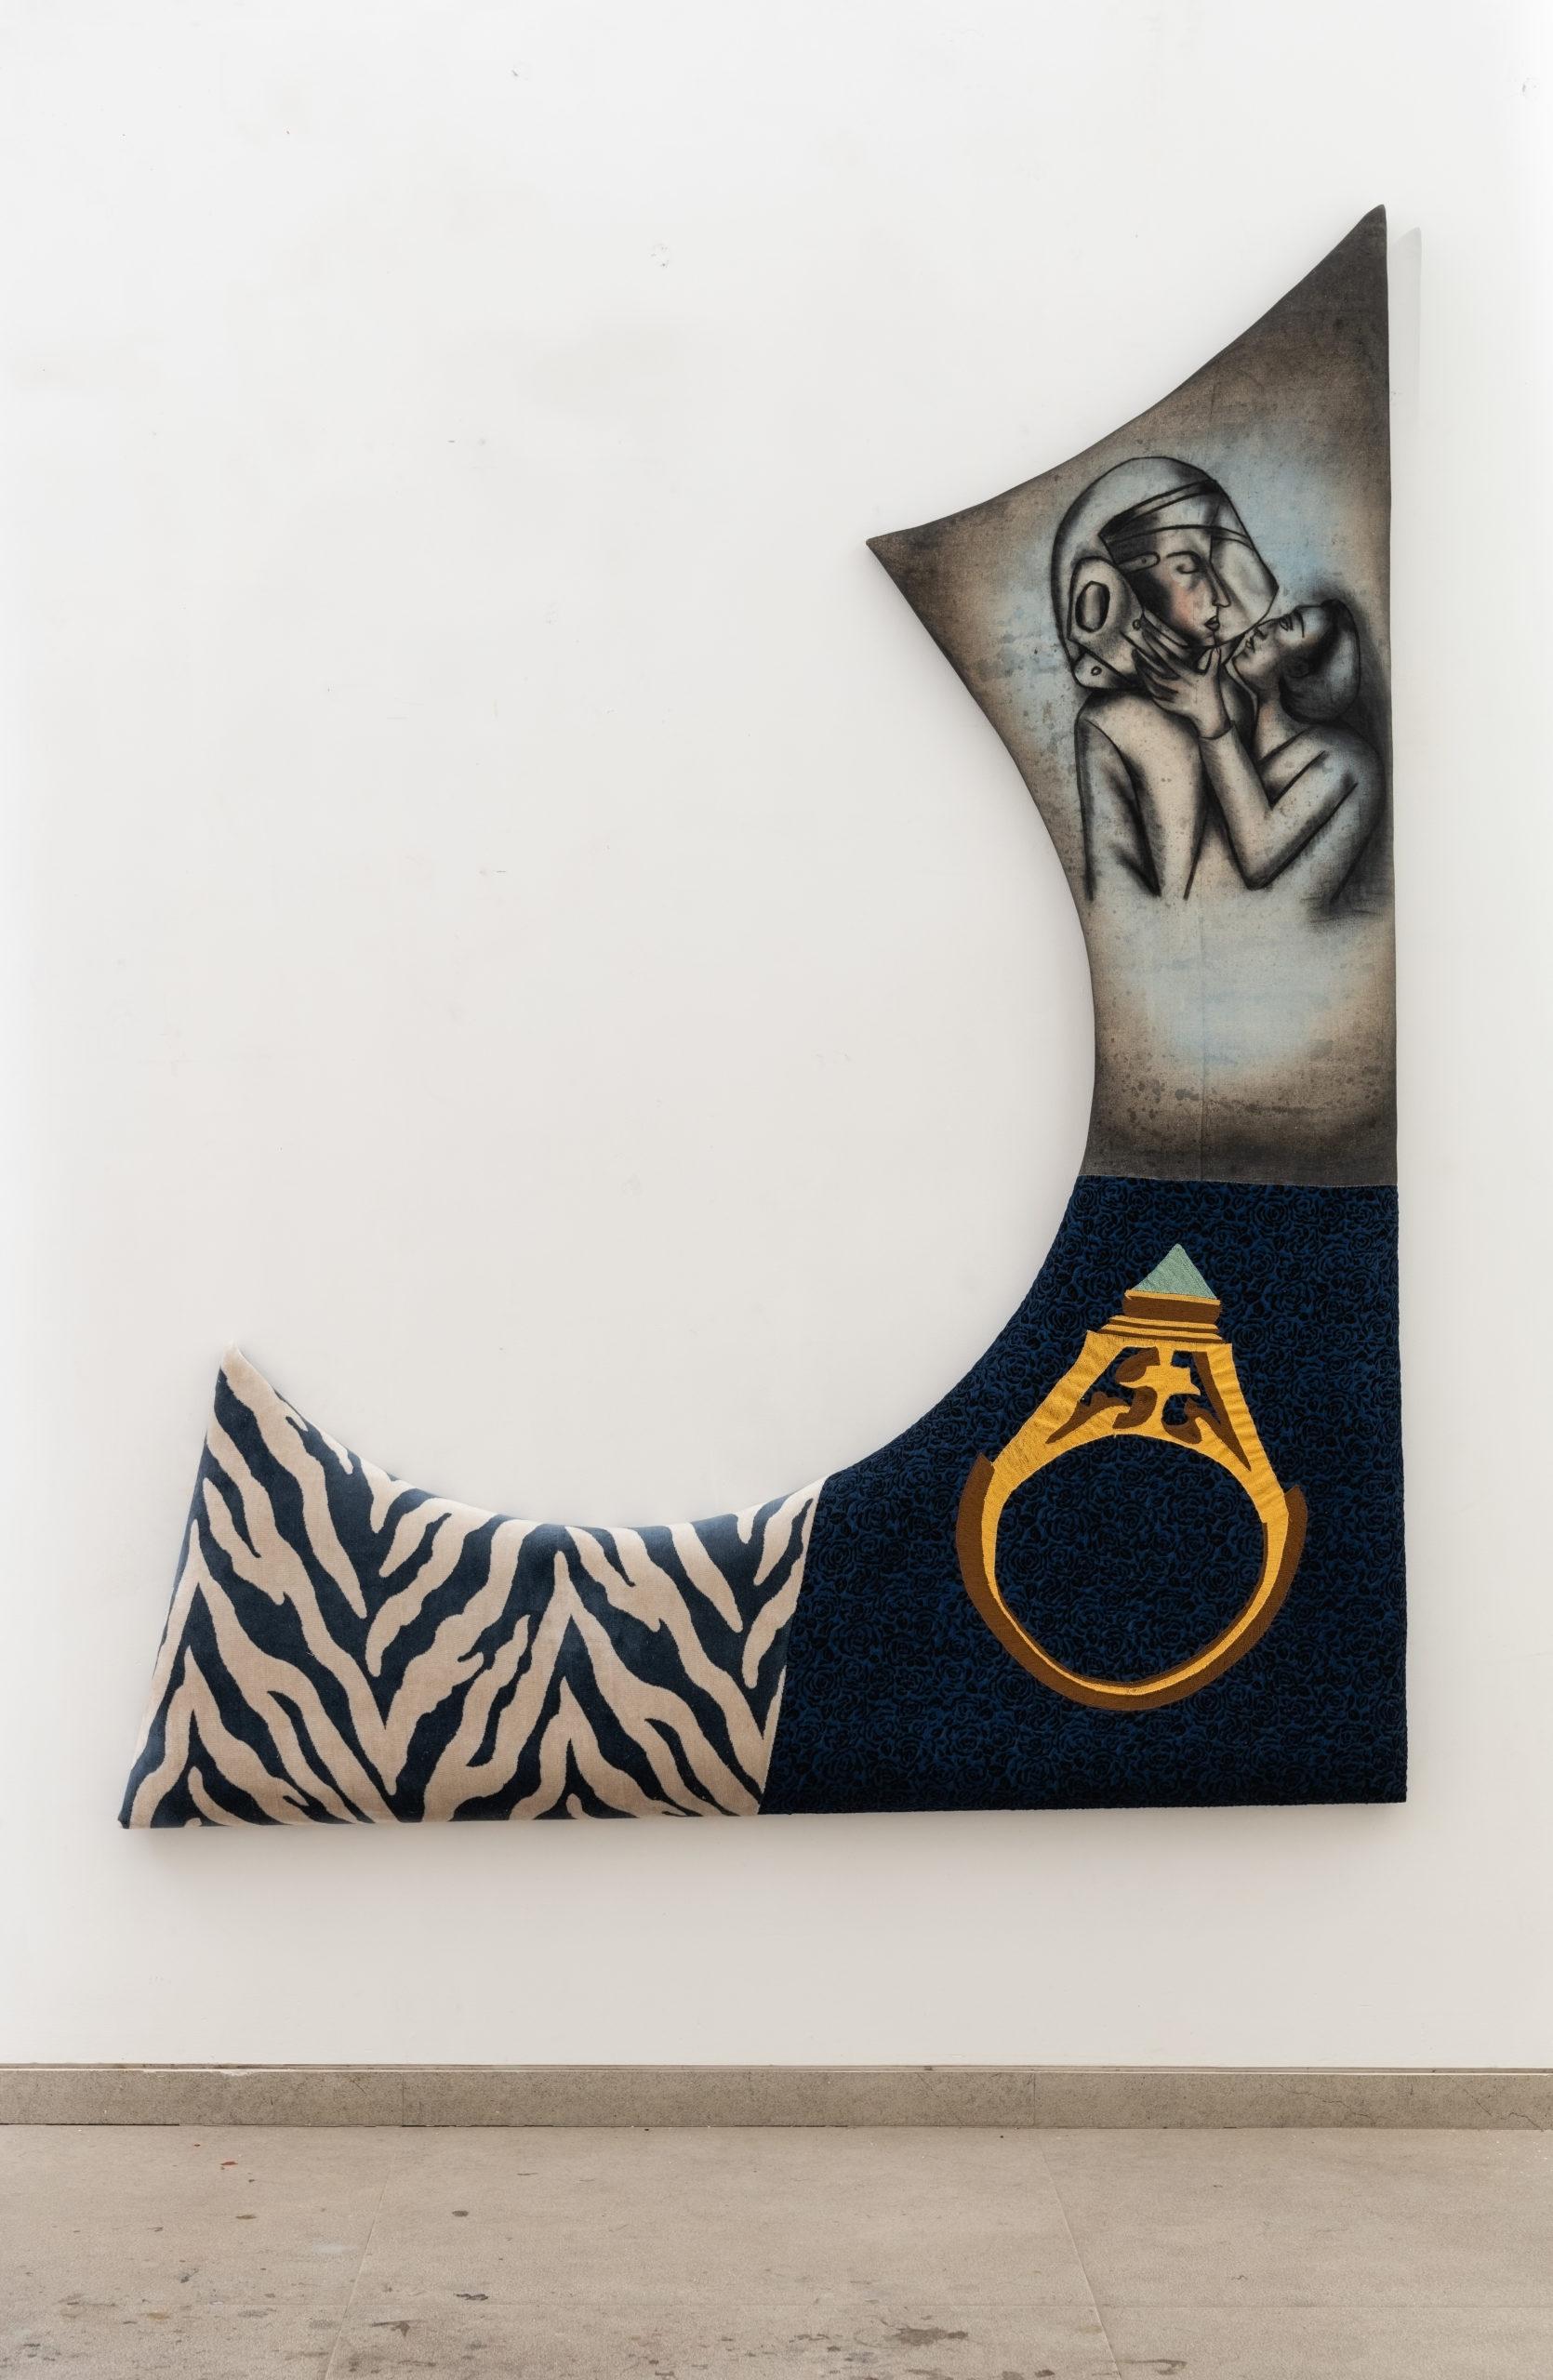 Anju Dodiya Moonlight drive2021  Sculpture Fusain et aquarelle sur tissu tendu sur planche rembourrée / Charcoal and watercolour on fabric combine stretched on padded board.  122 x 51 x 6 cm – 48 x 20 1/8 x 2 3/8 in., courtesy galerie Templon Paris-Bruxelles